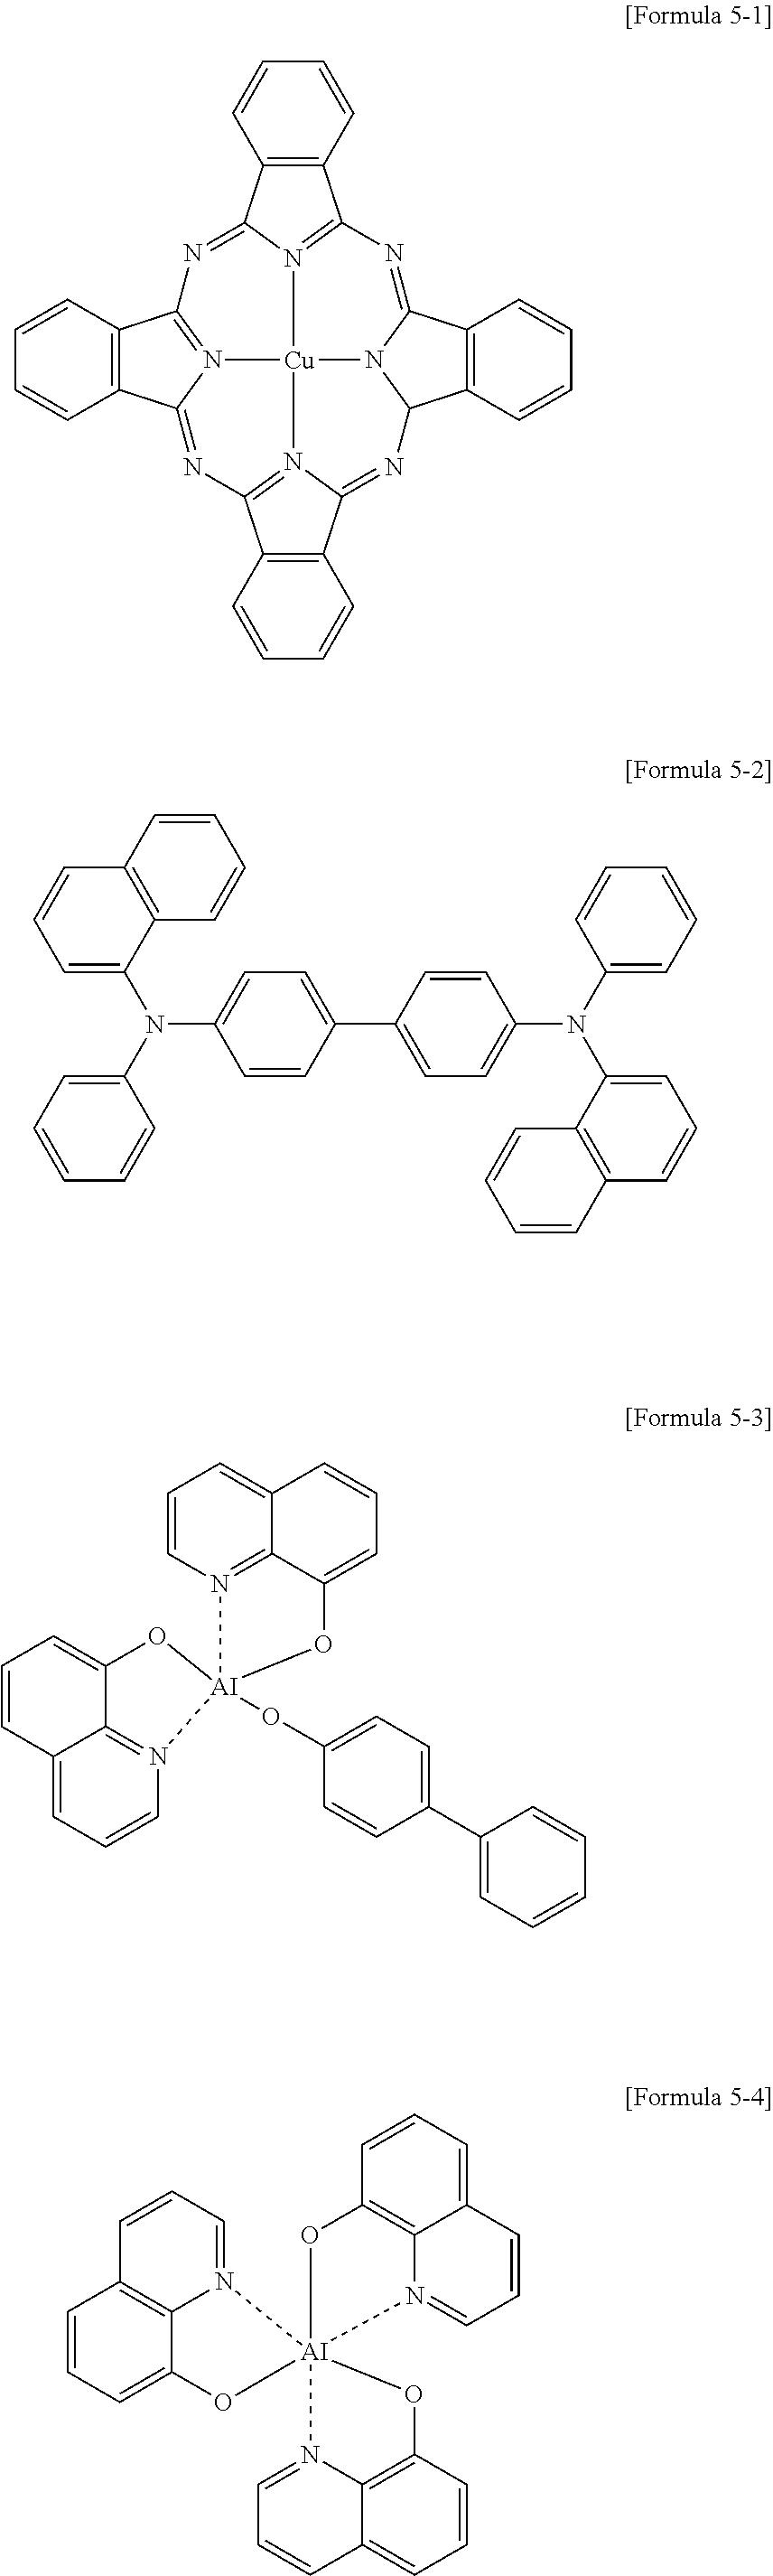 Figure US09324958-20160426-C00034